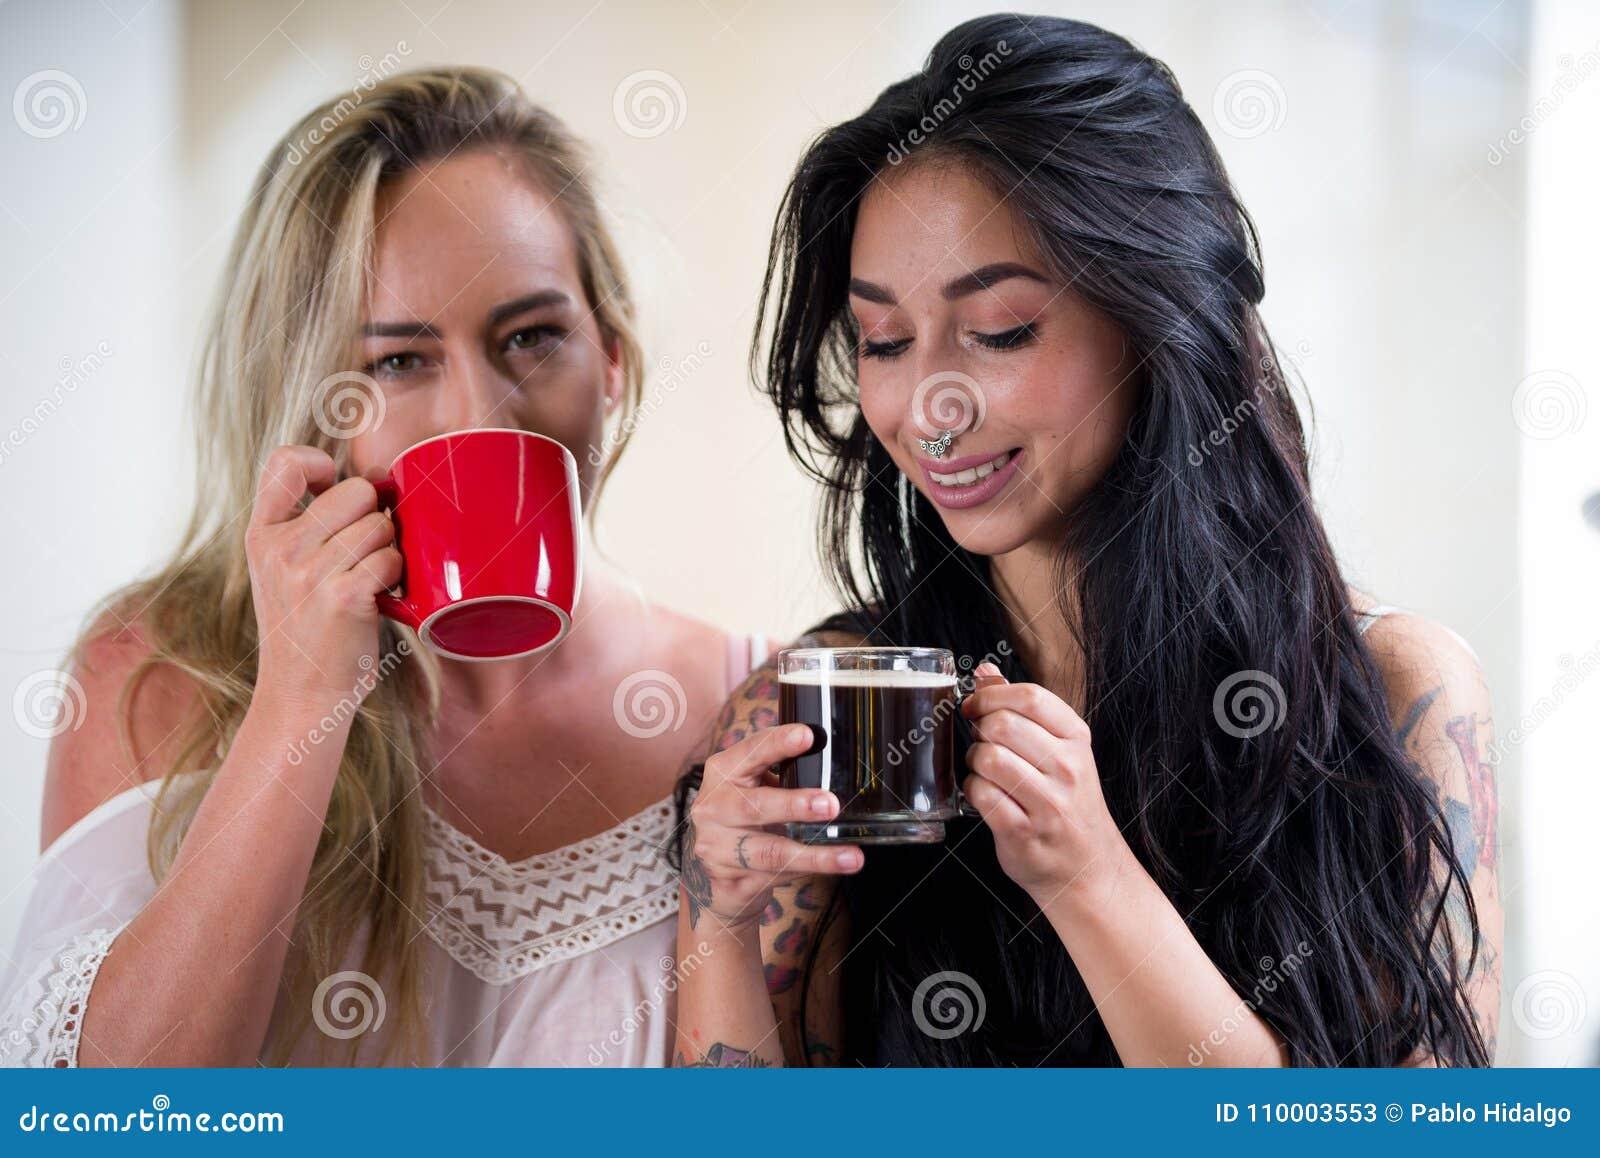 lesbiennes filles sexe photos HS vidéo de sexe